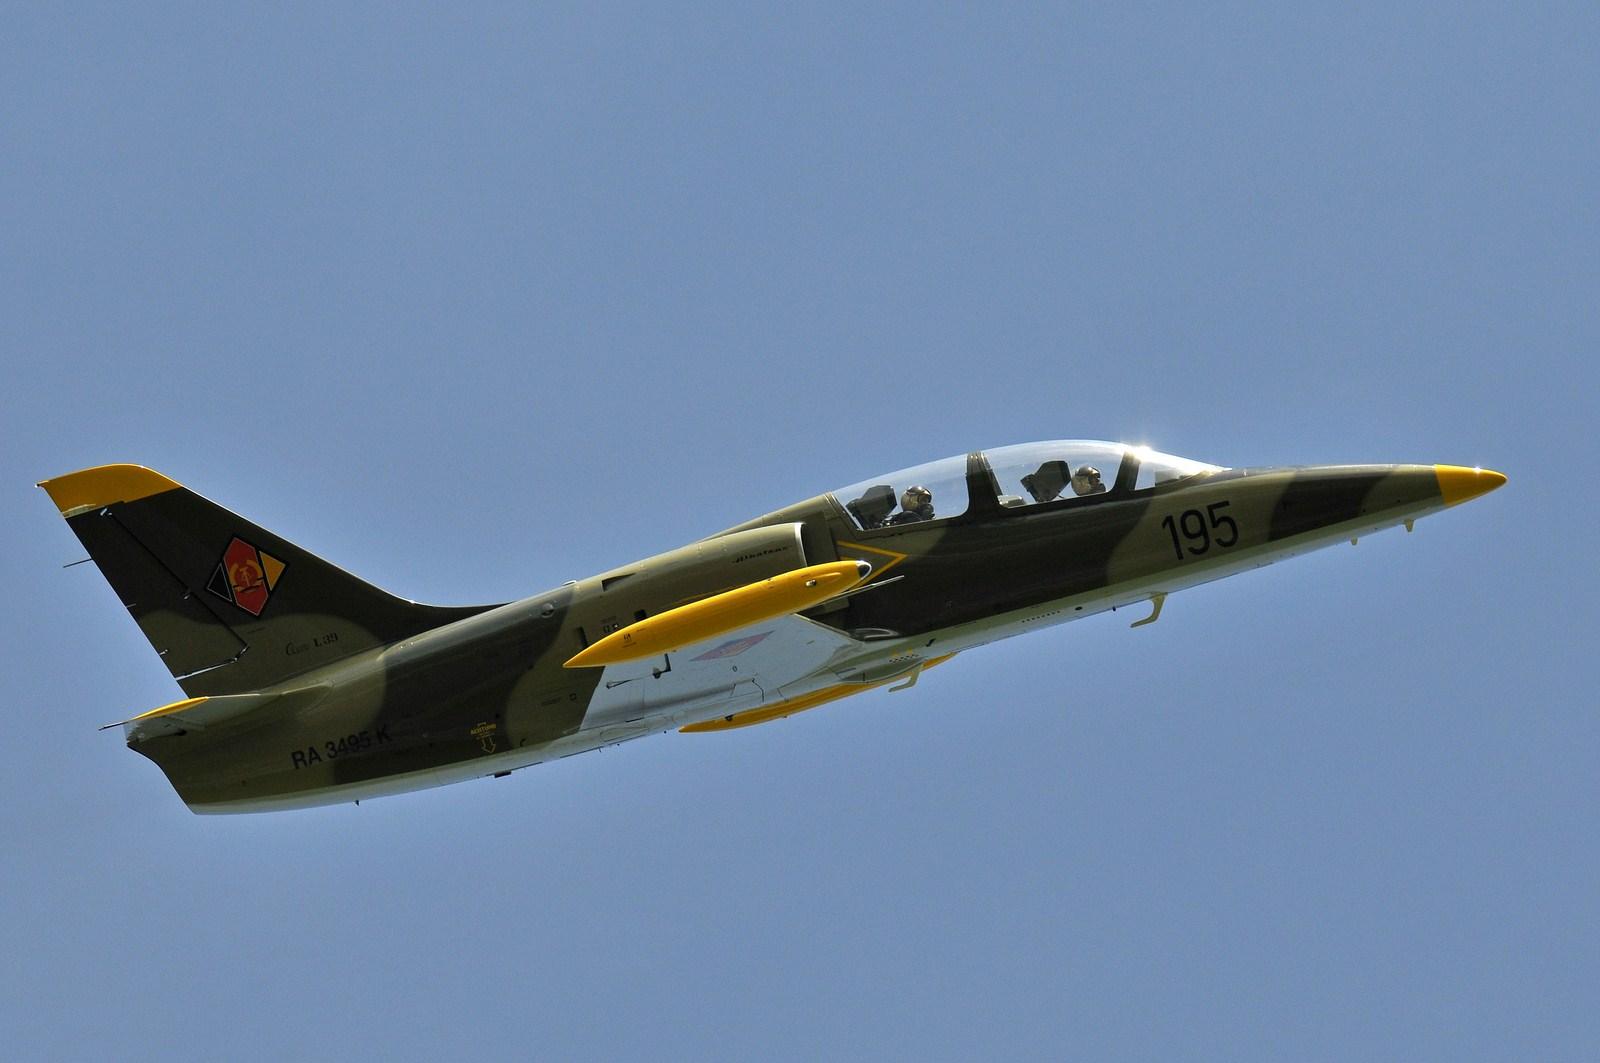 Jet Flighter ride